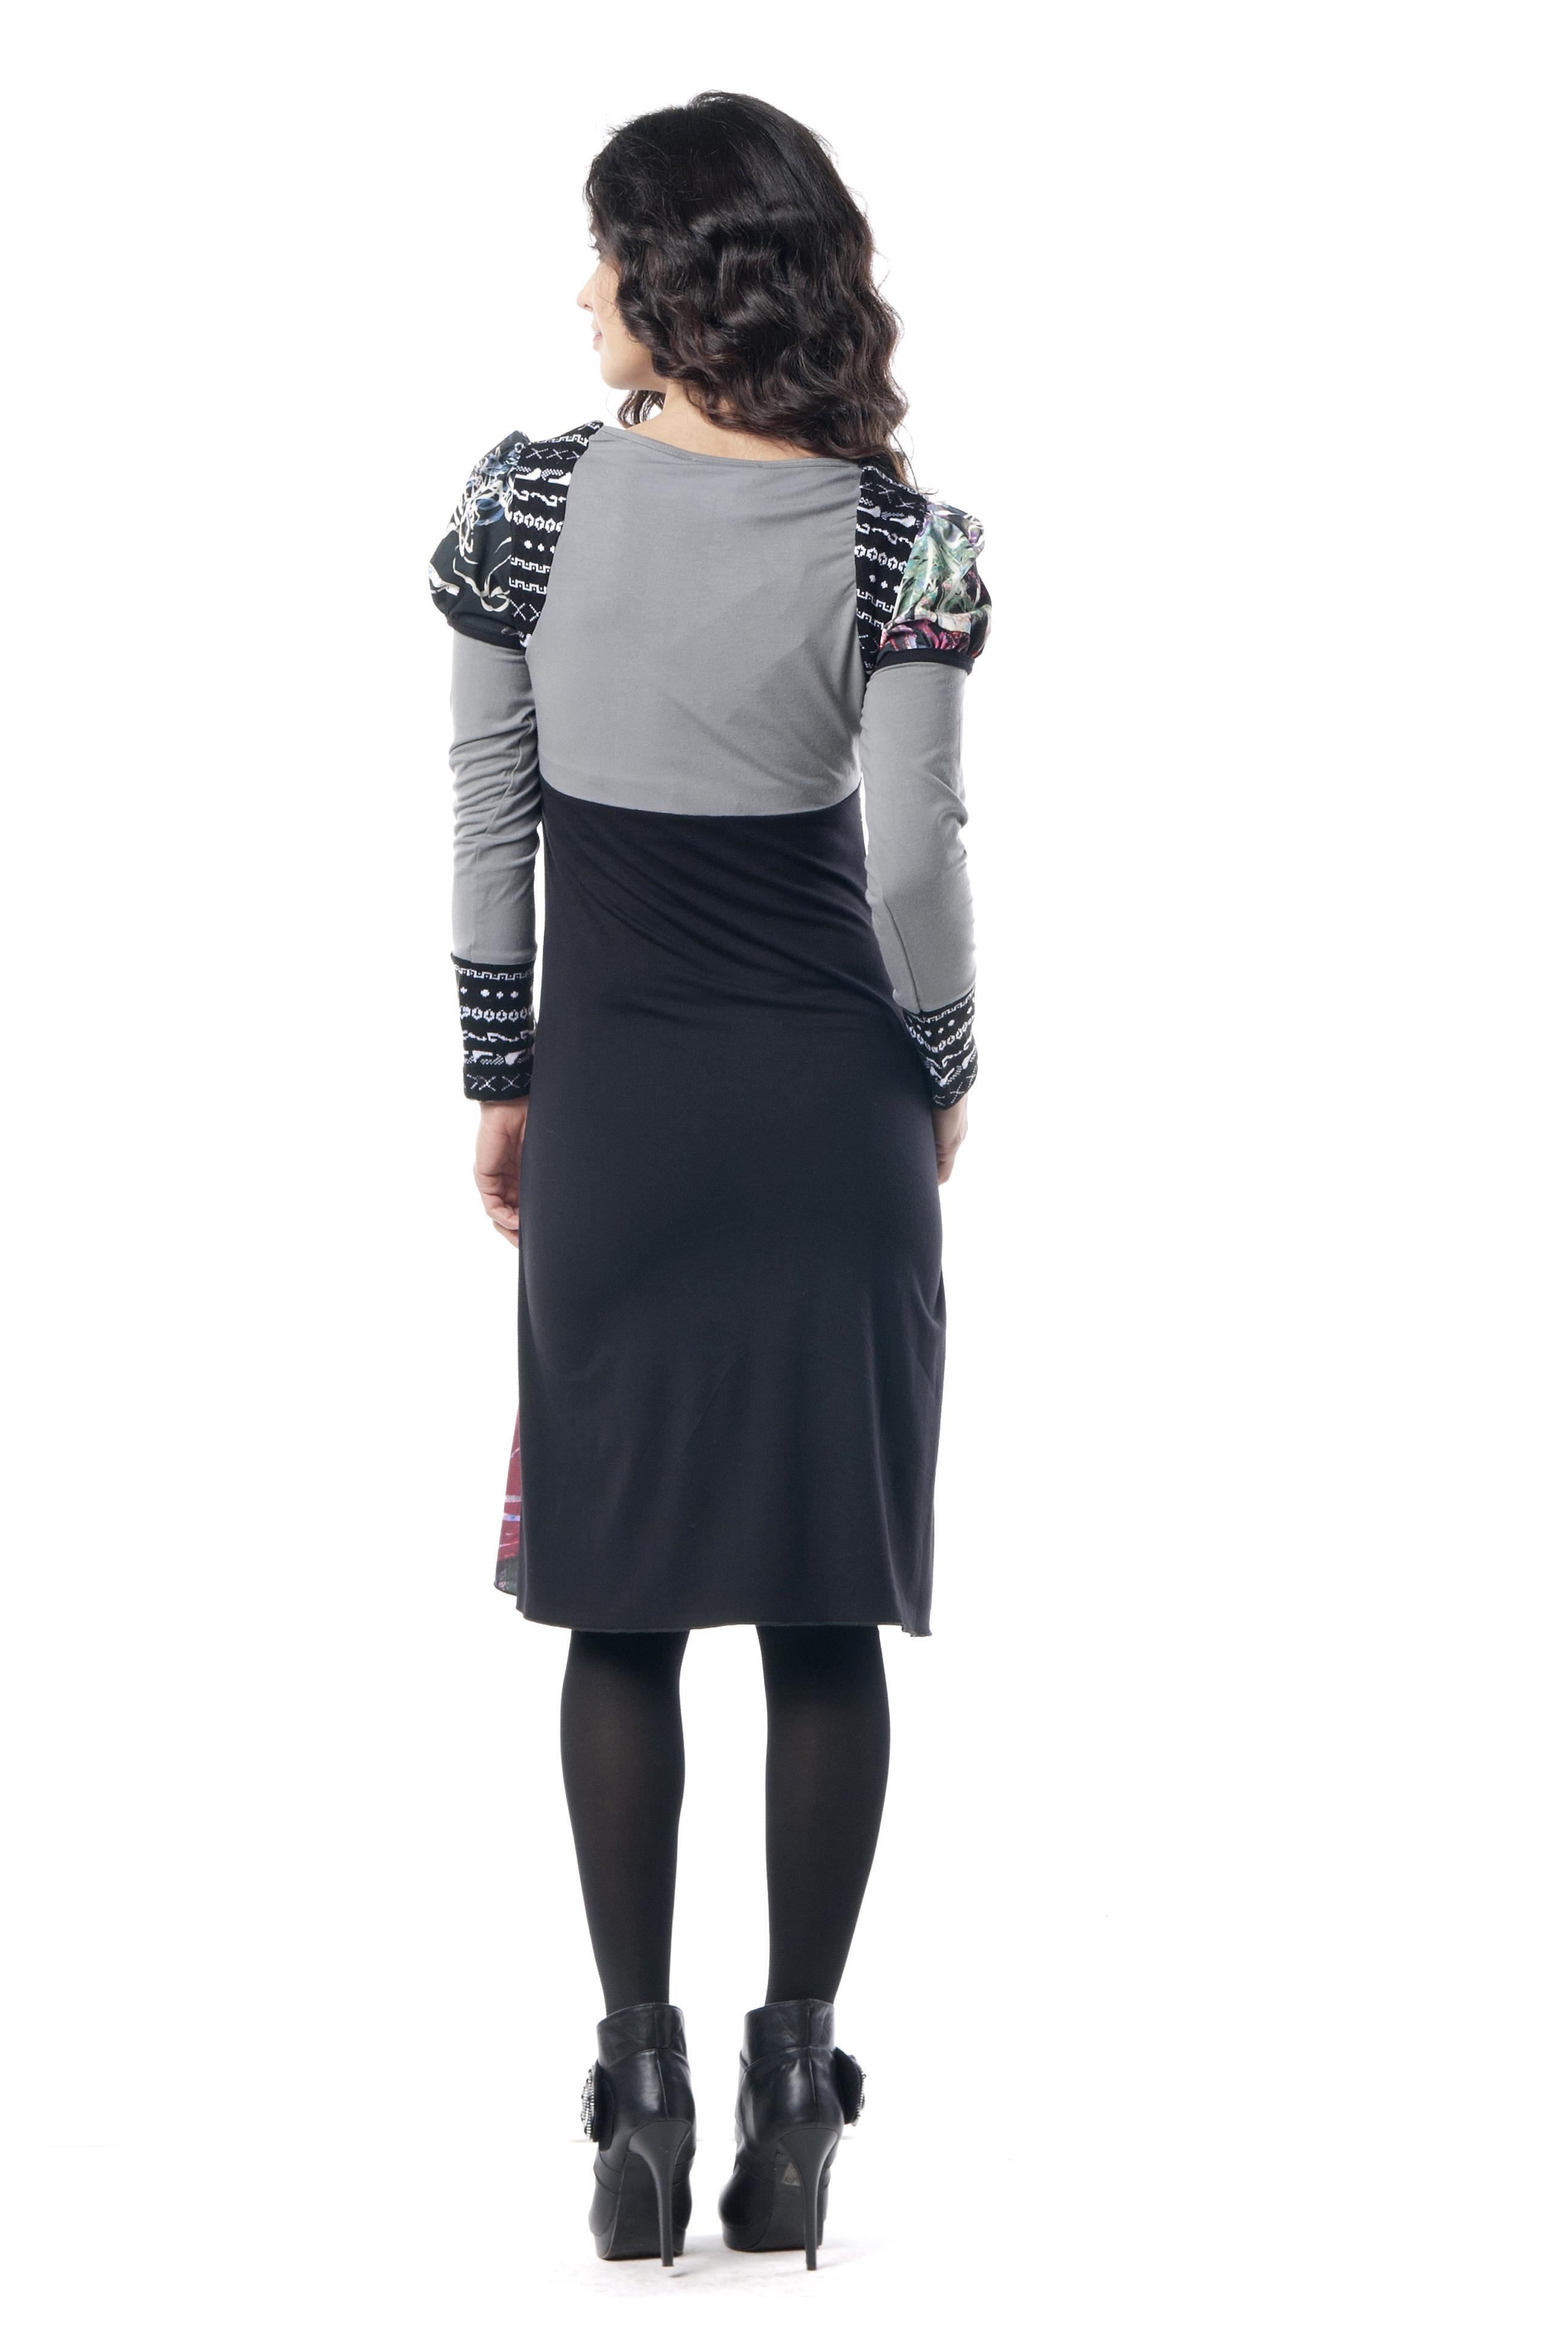 Les Fees Du Vent Couture: Femme Extase Color Block Dress